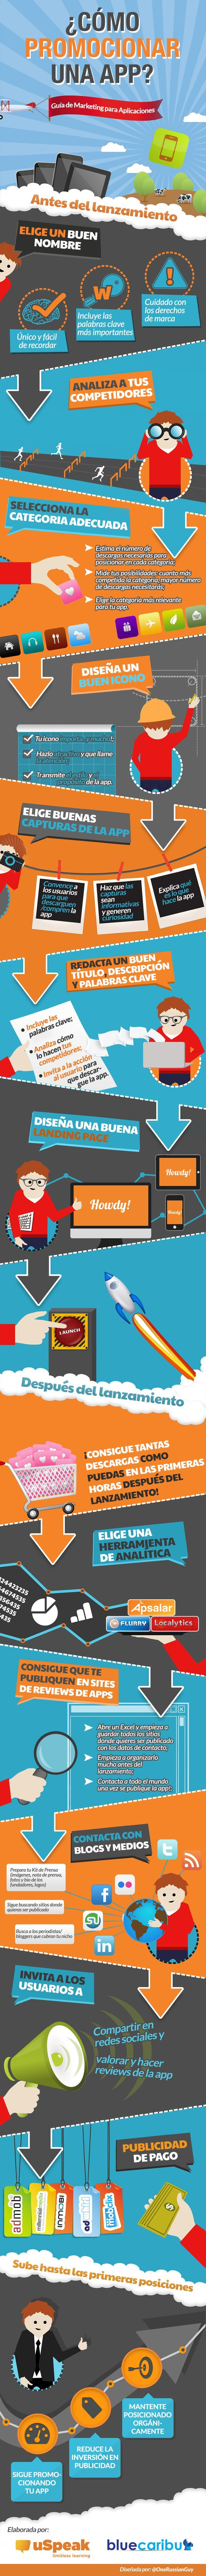 Cómo promocionar nuestras apps #infografia